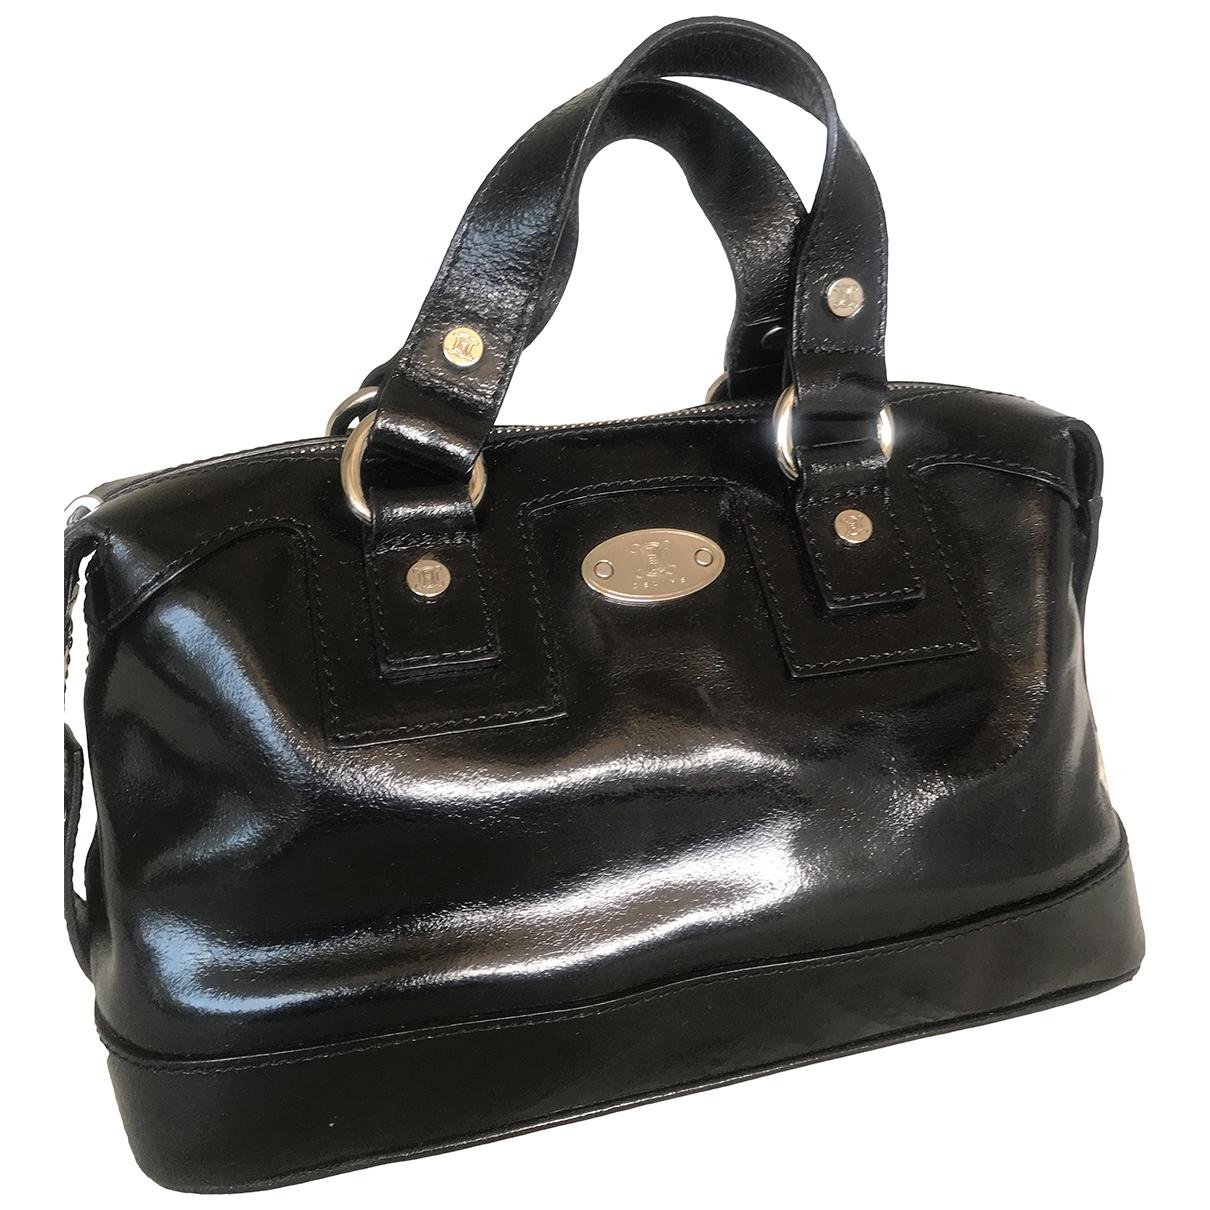 Celine \N Black Leather handbag for Women \N